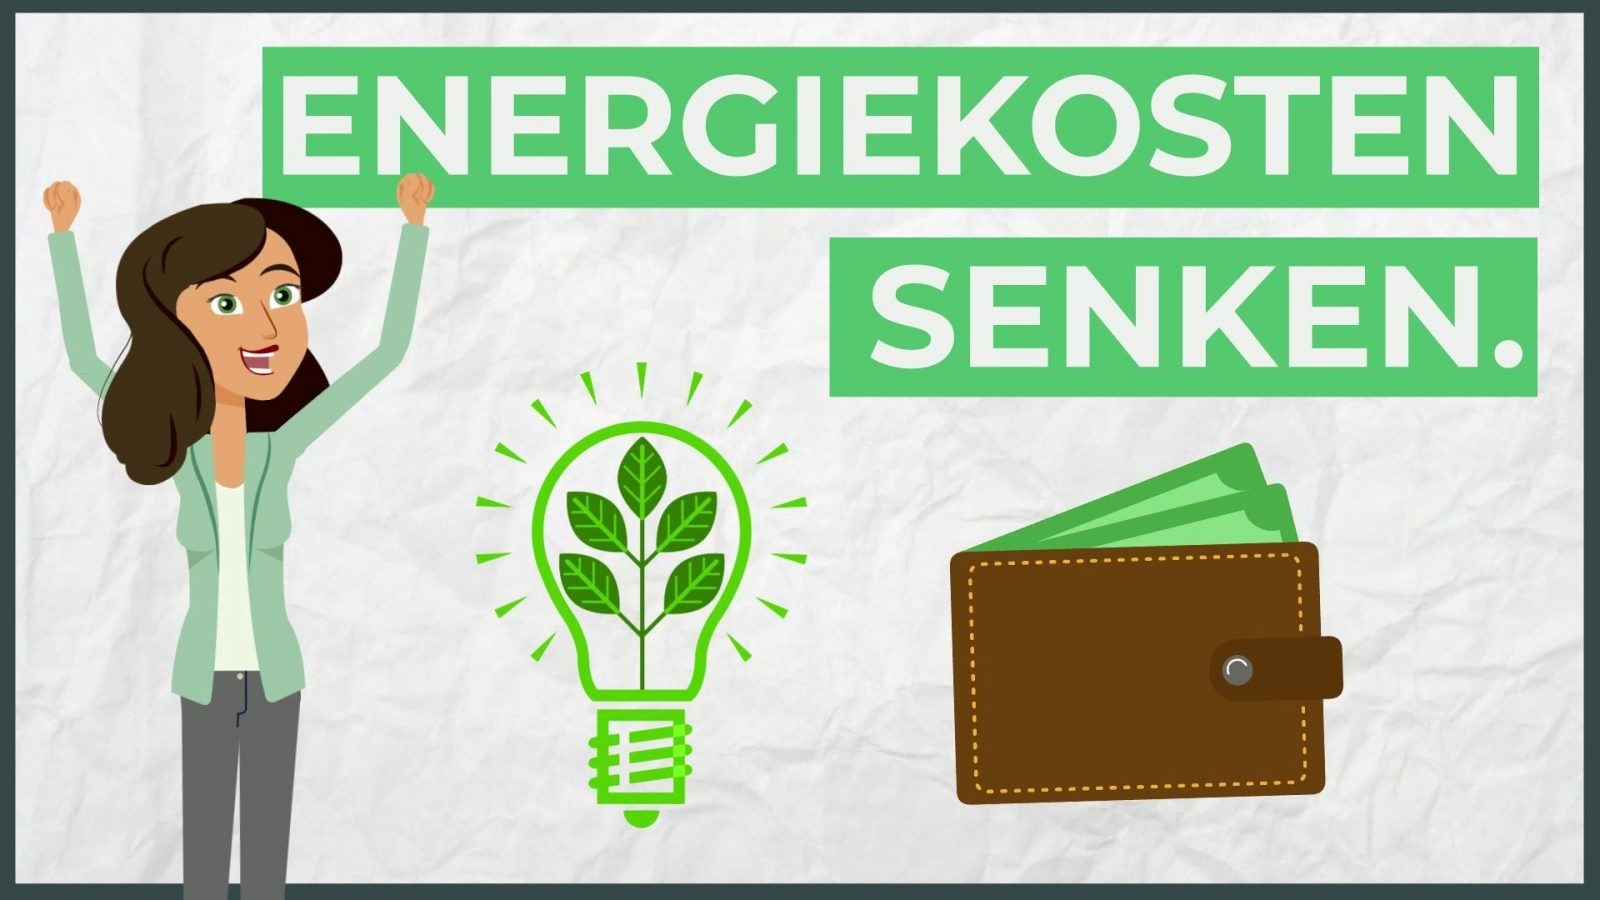 energiekosten_senken